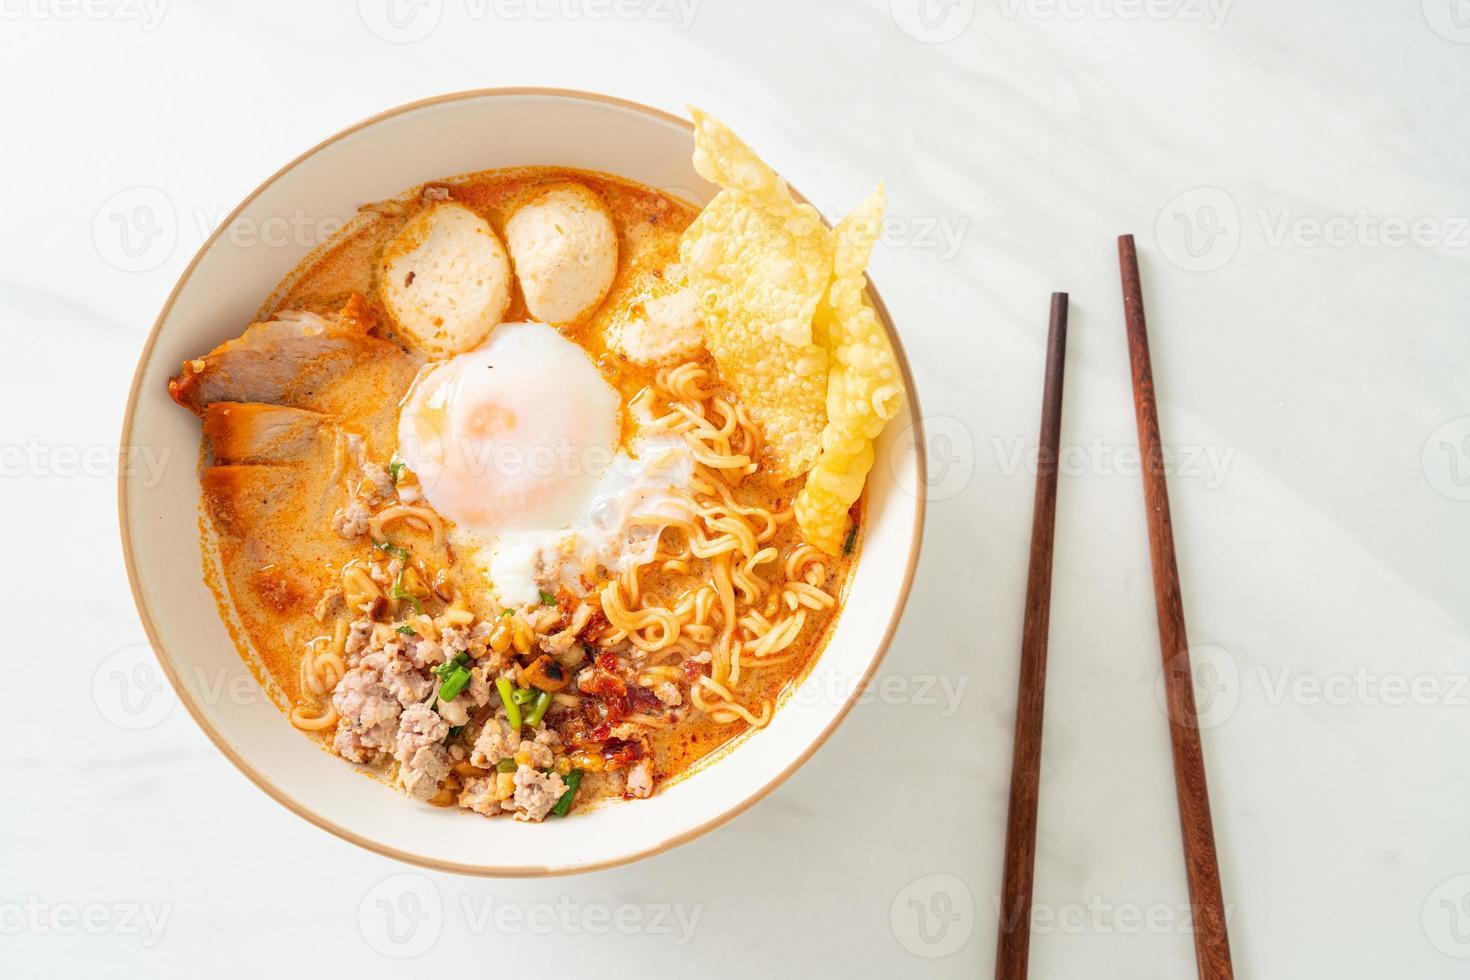 fideos instantáneos con carne de cerdo y albóndigas en sopa picante o fideos tom yum al estilo asiático foto